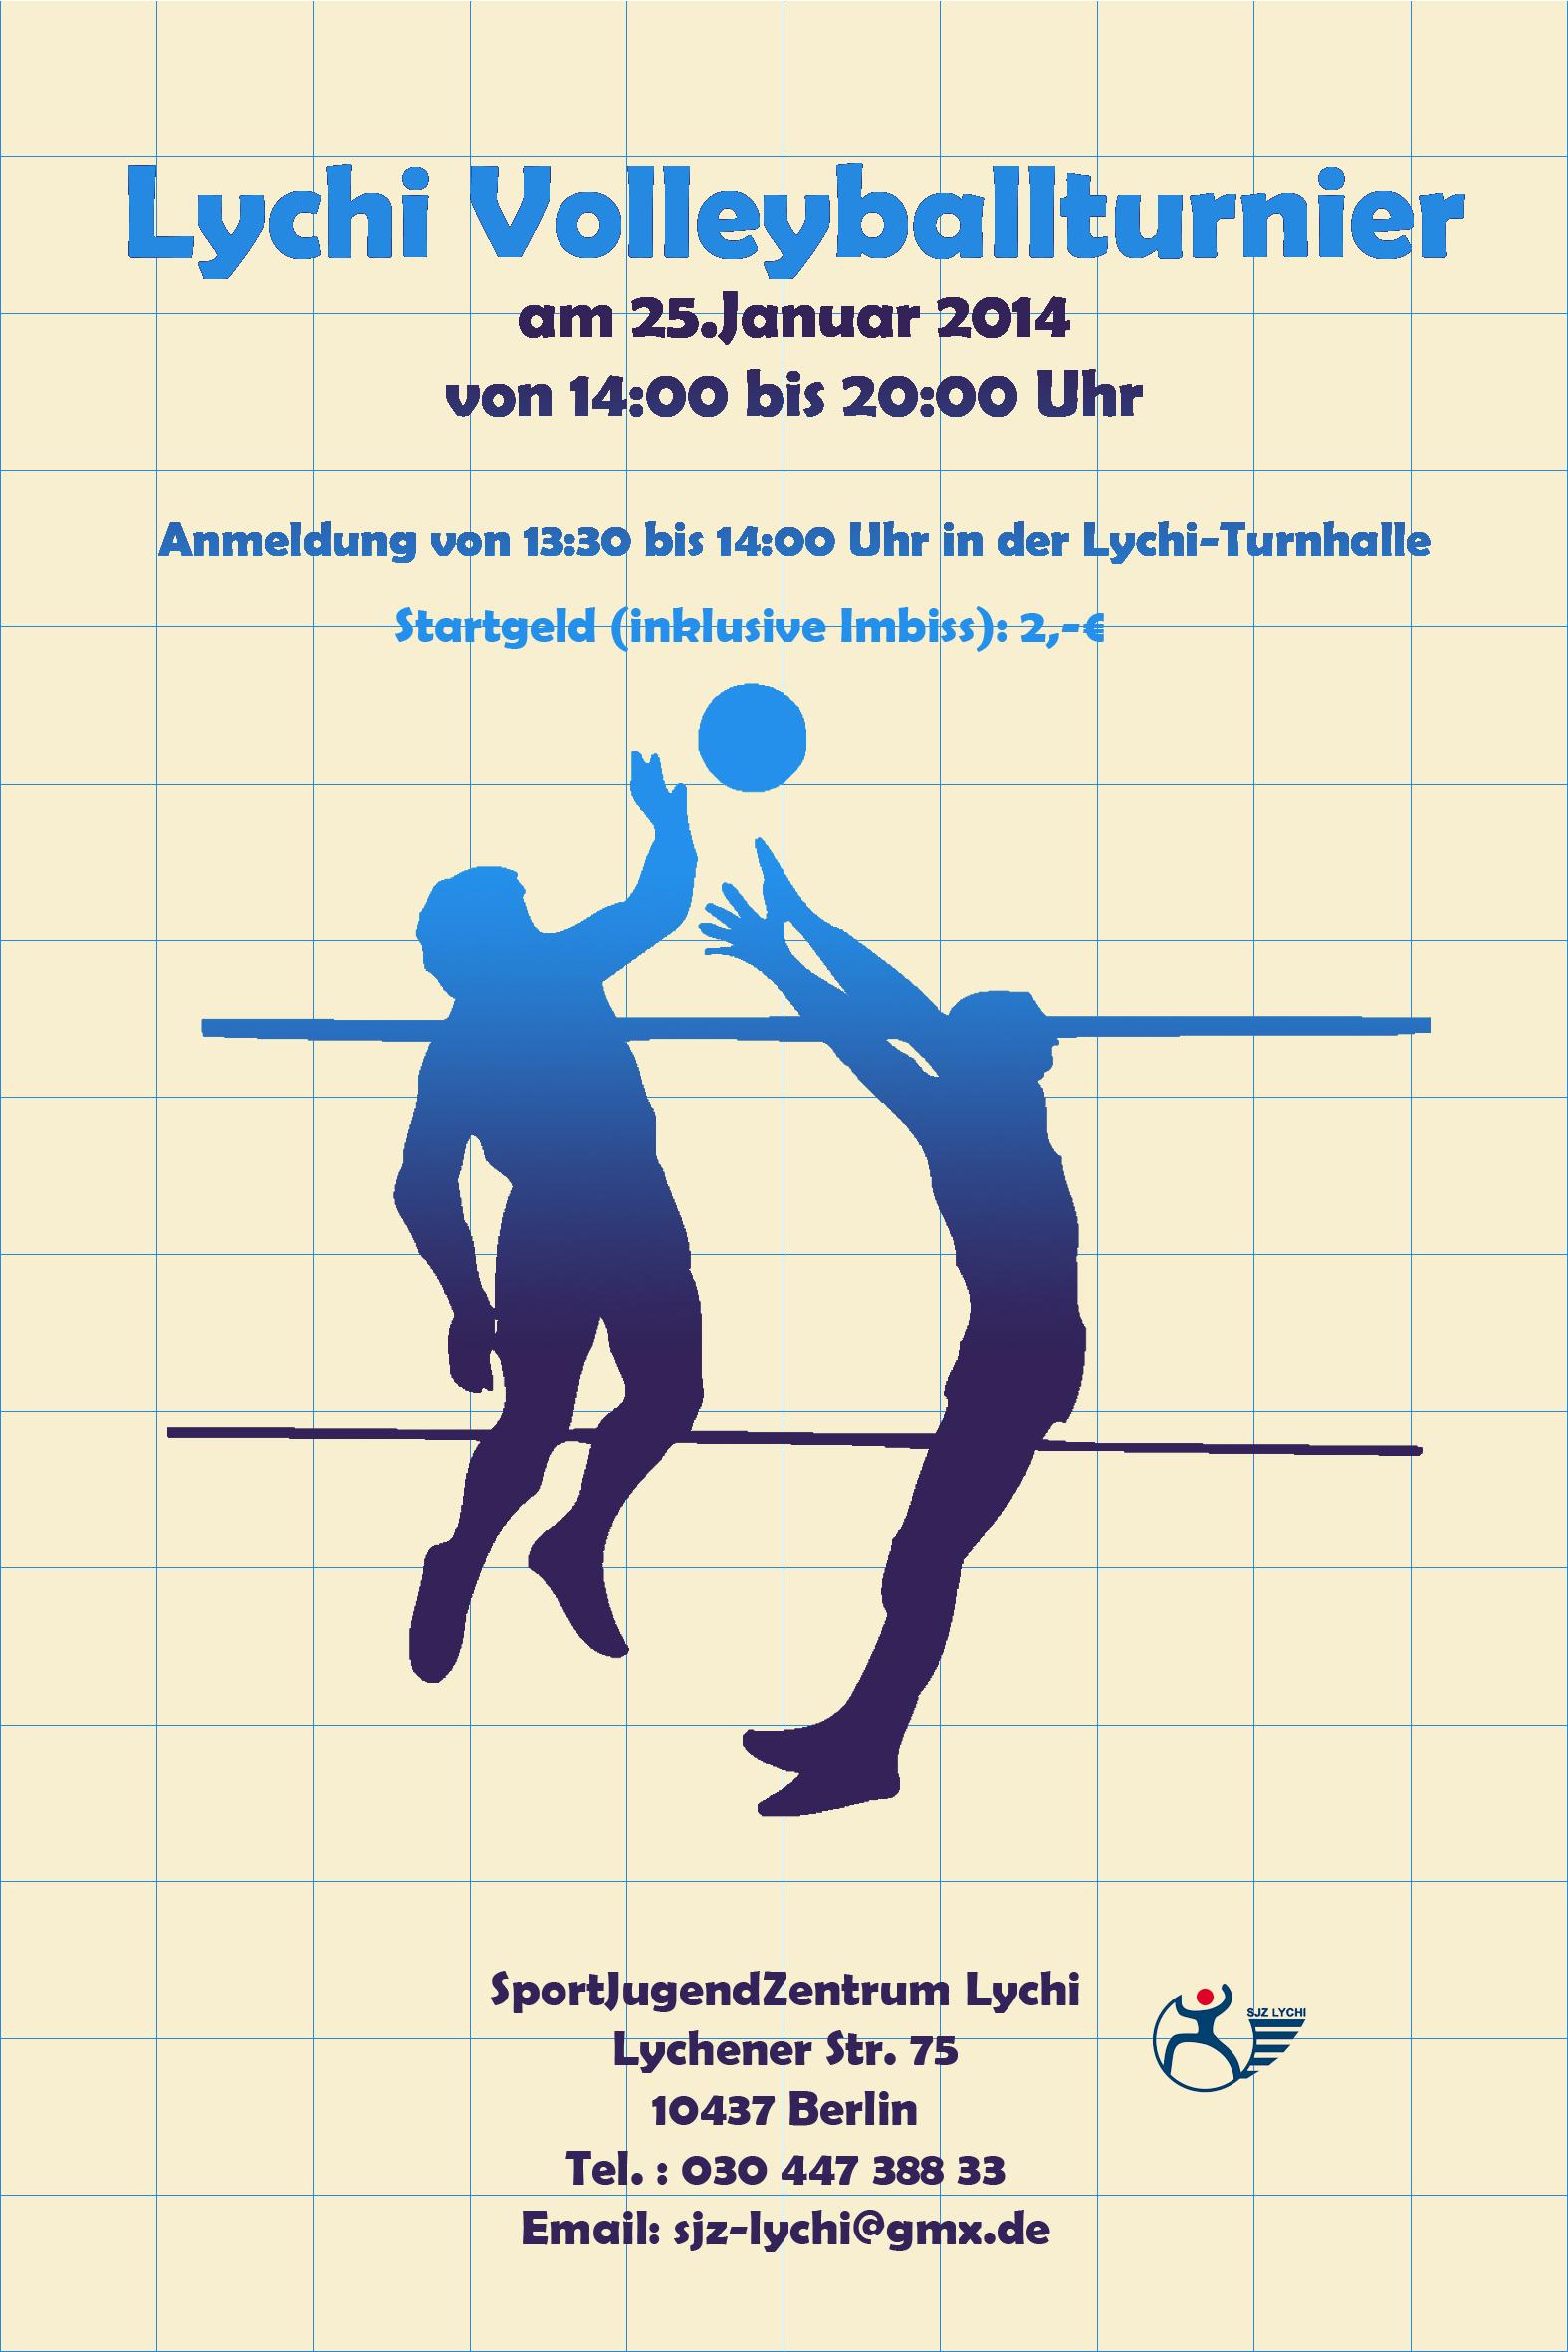 lychi volleyballturnier Einladung